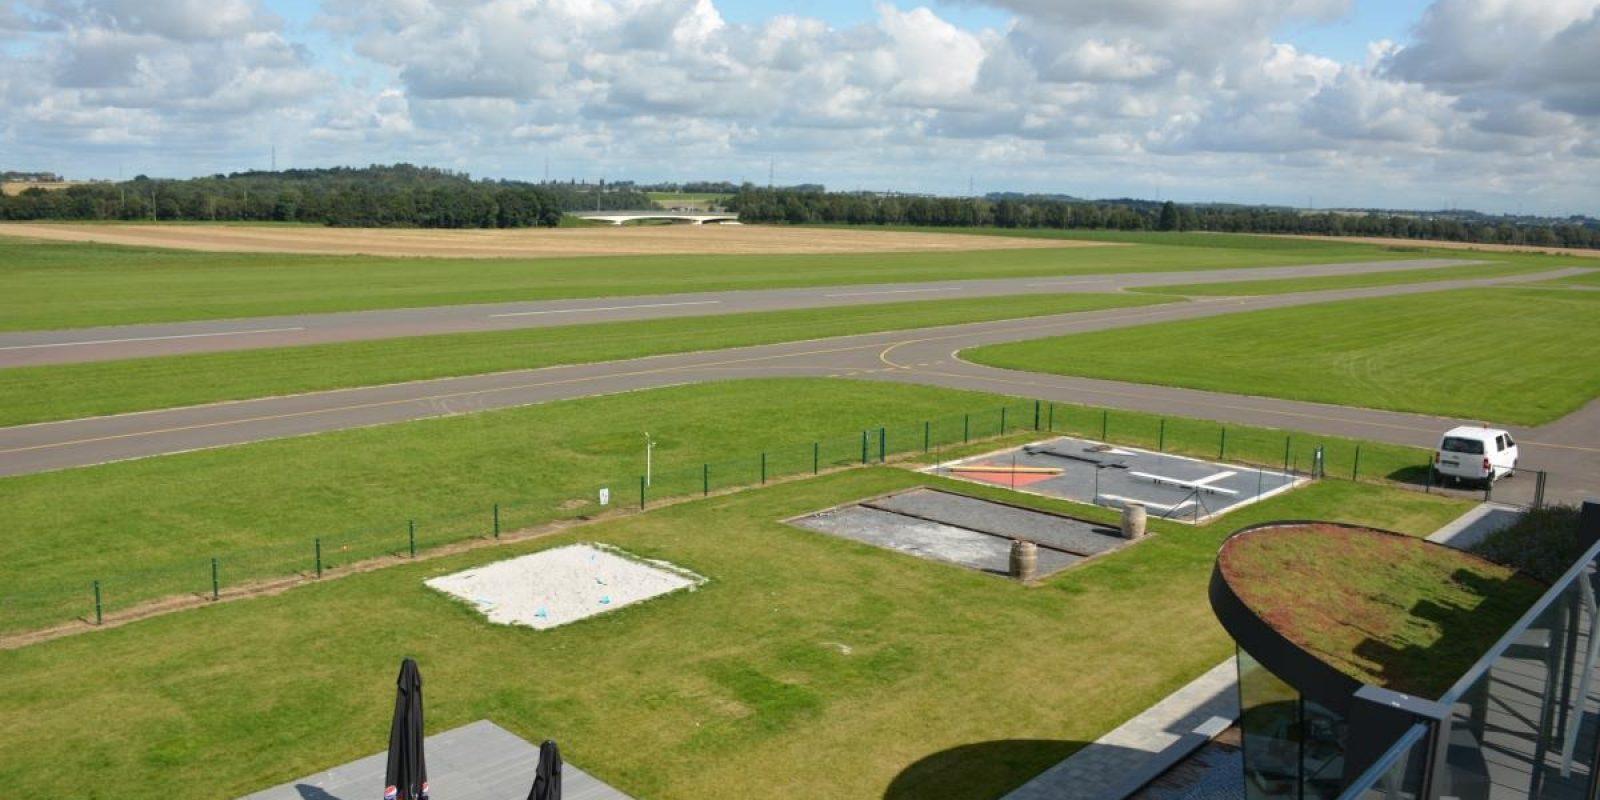 Le 'roof top' donne une vue imprenable sur la piste. (Photo Bob Verhegghen)